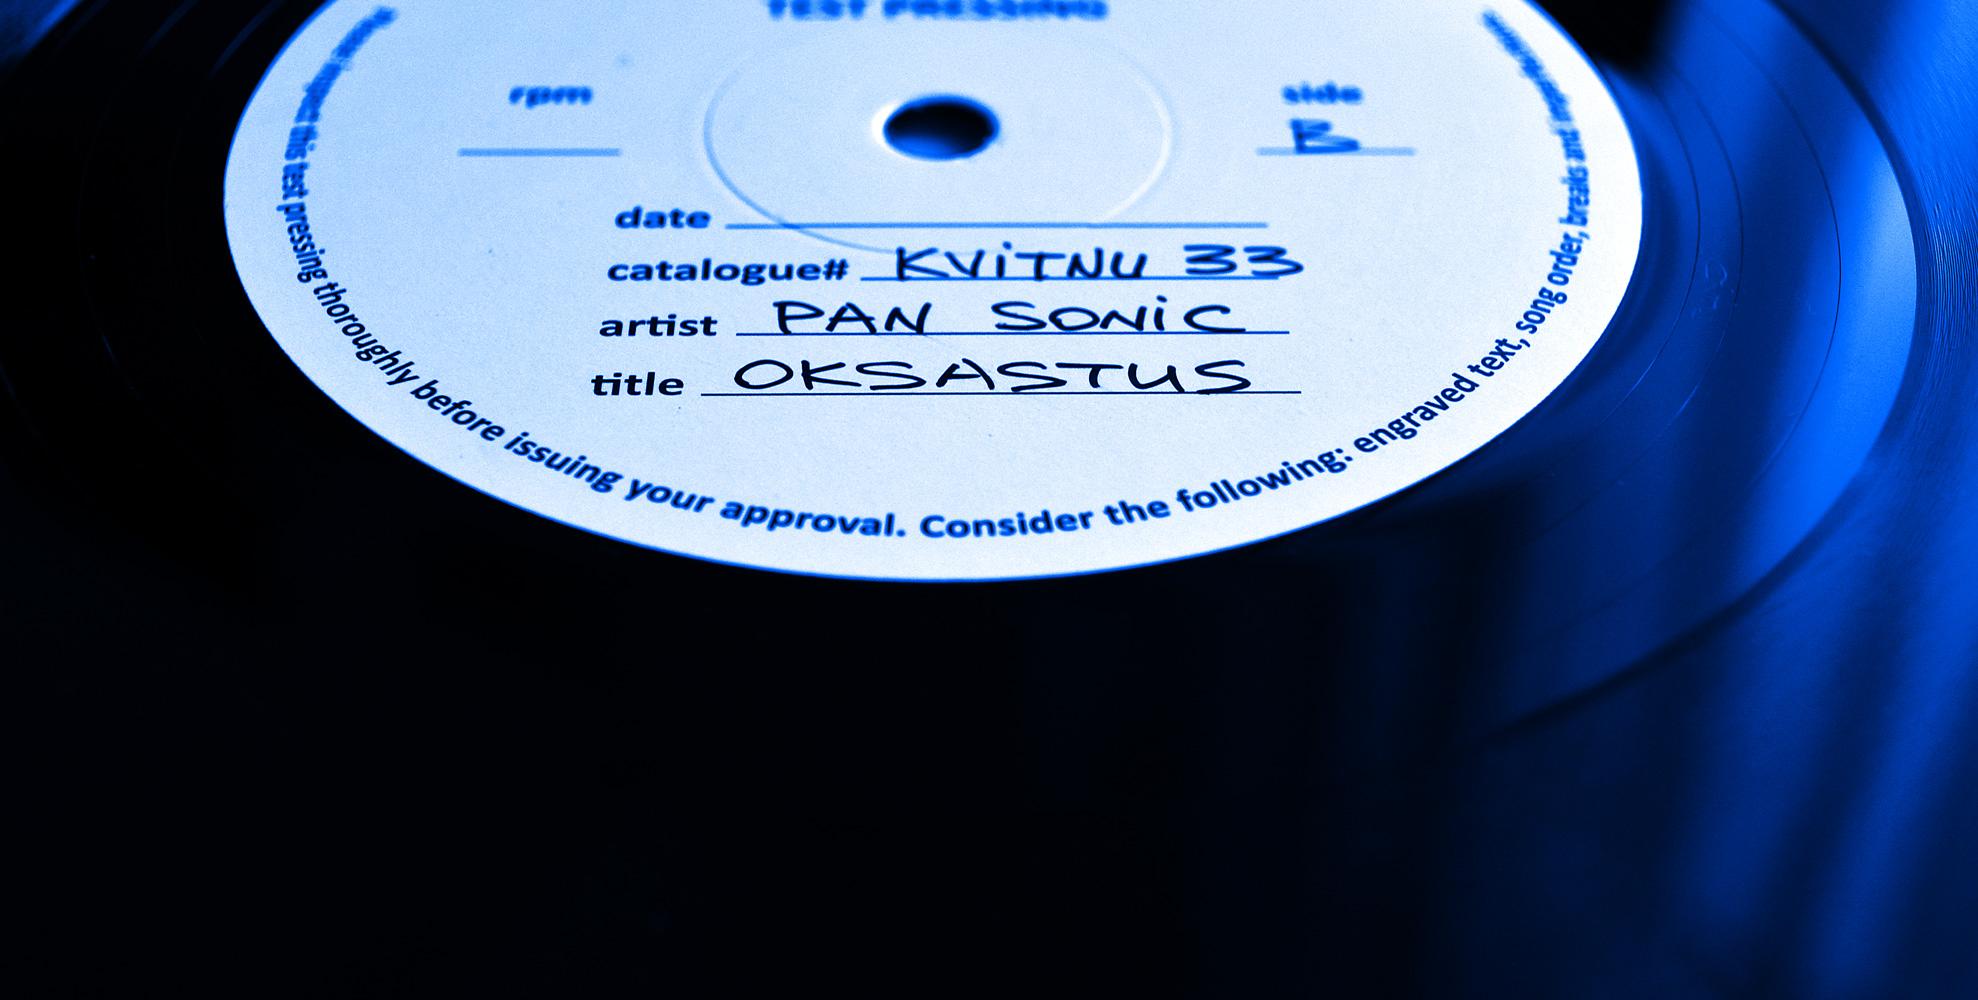 """Pan Sonic """"Oksastus"""" - test pressing"""